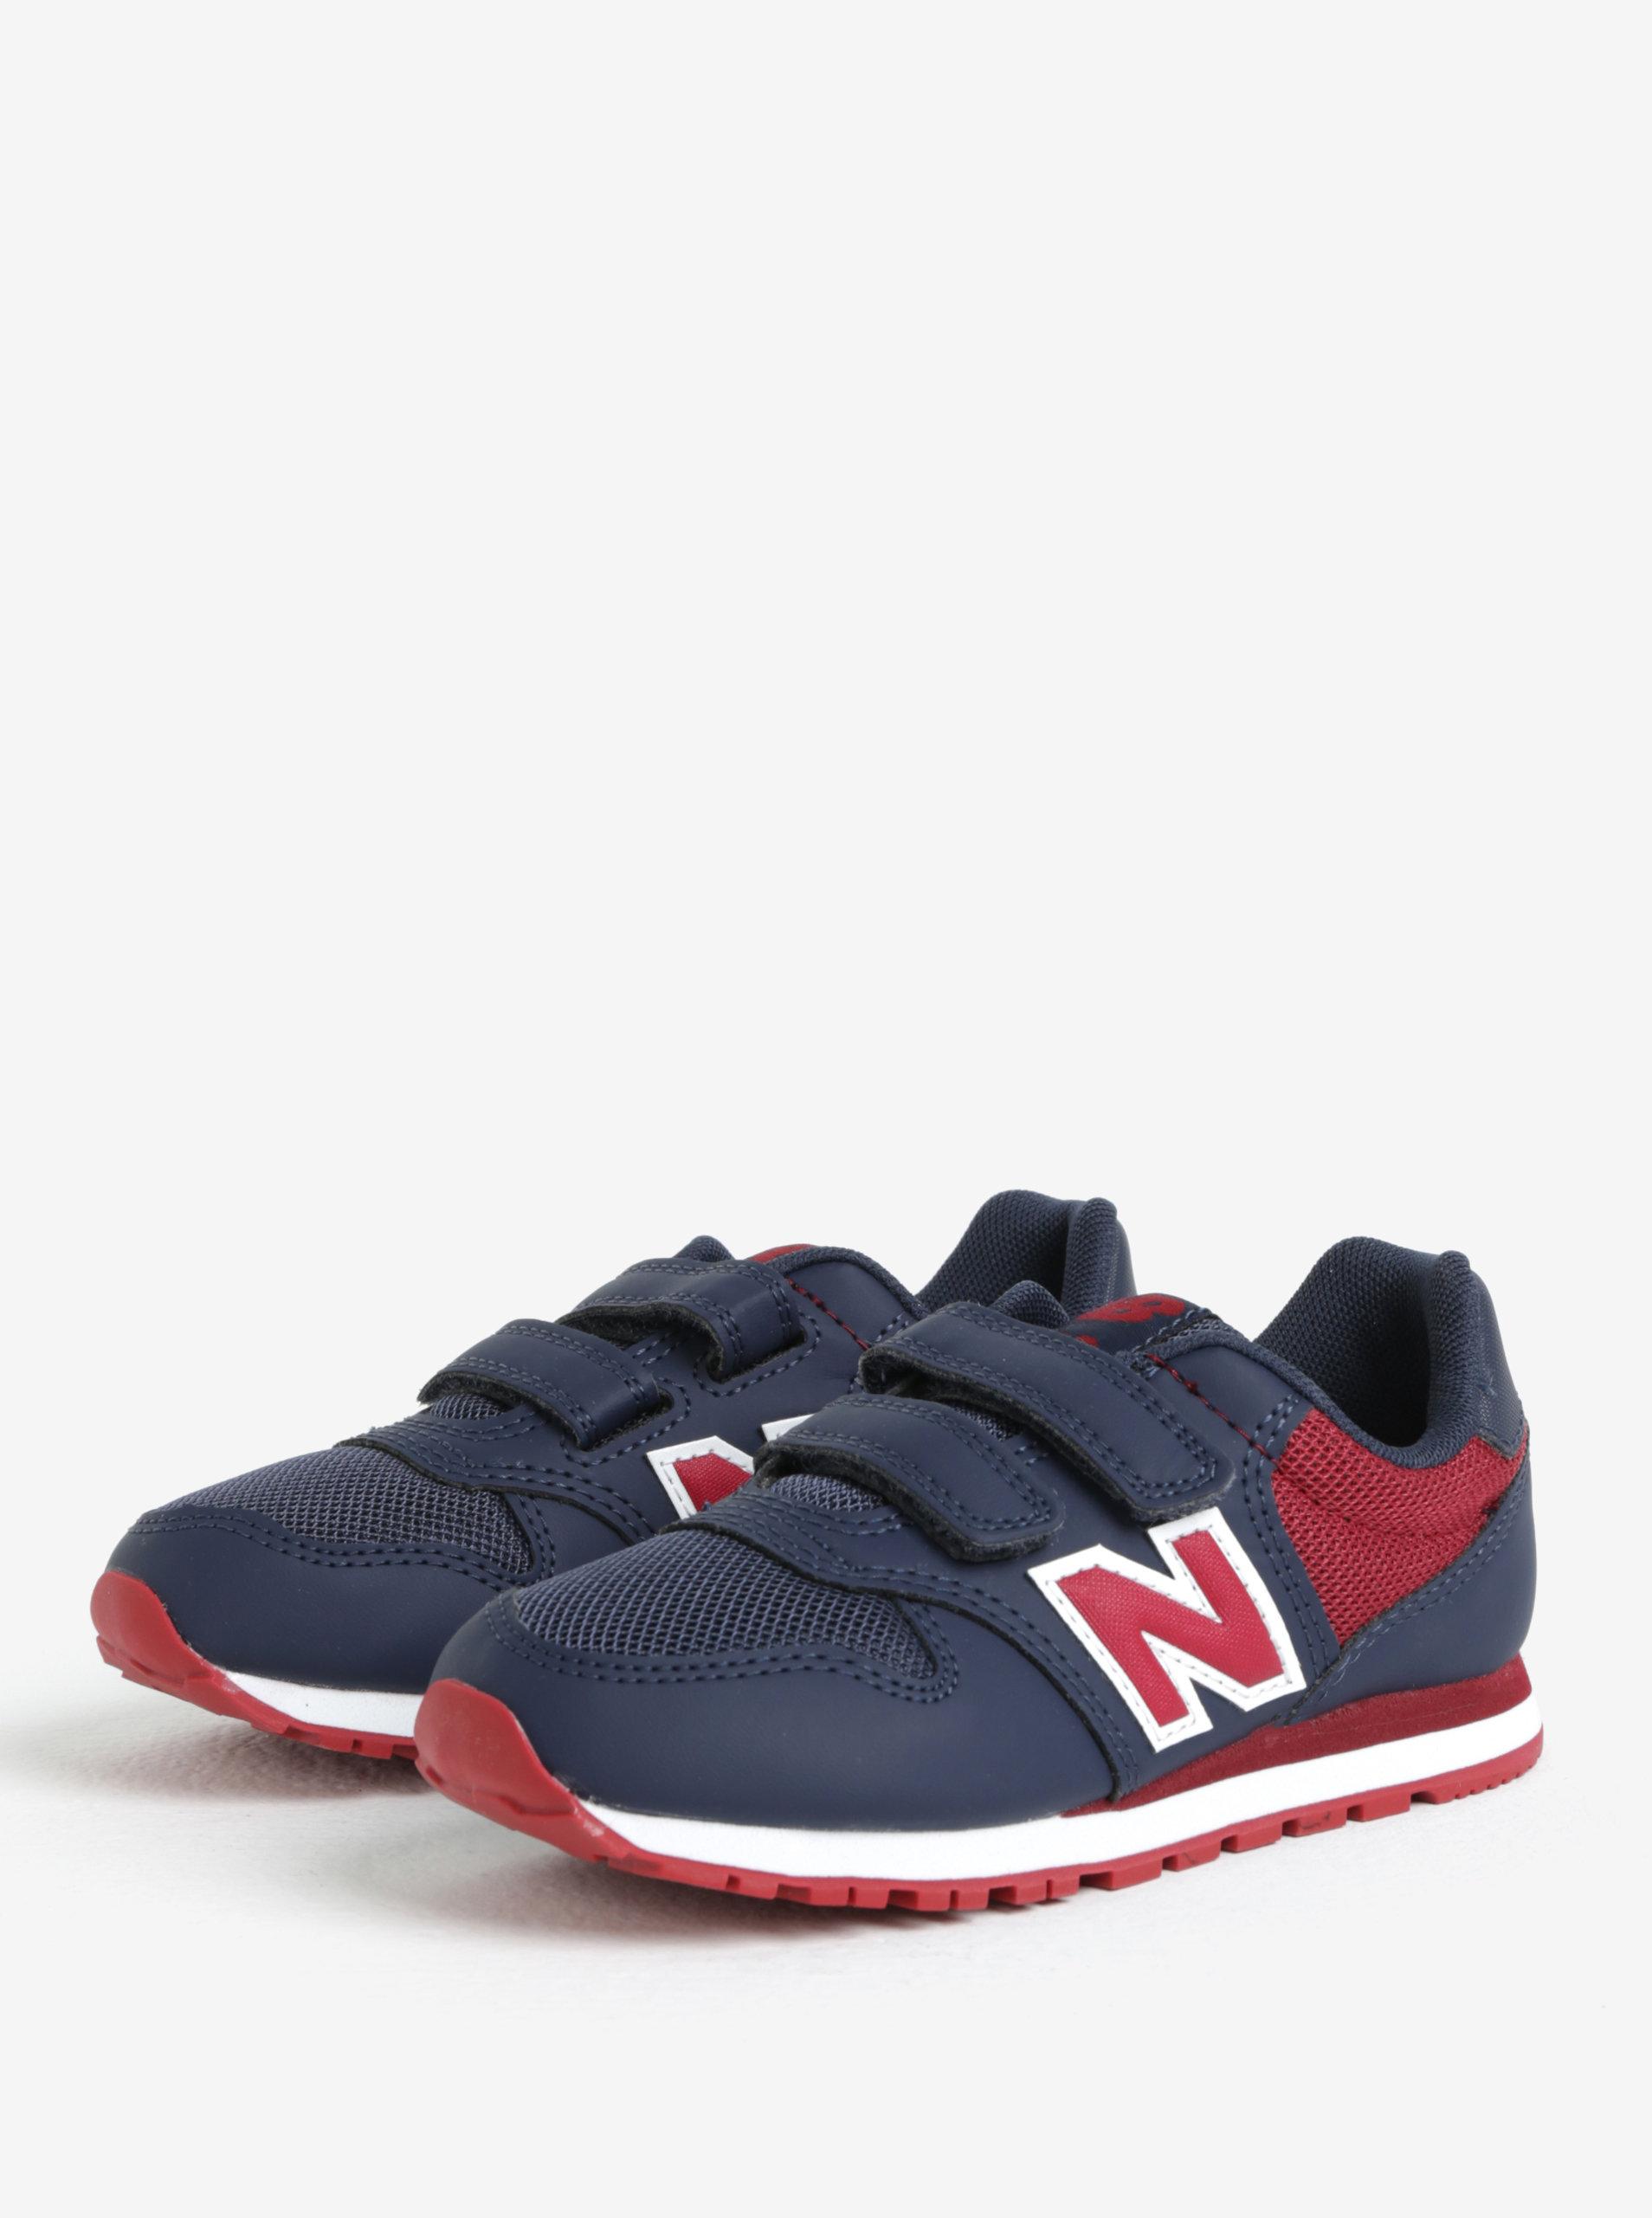 Červeno-modré dětské tenisky New Balance ... 1abf58c069